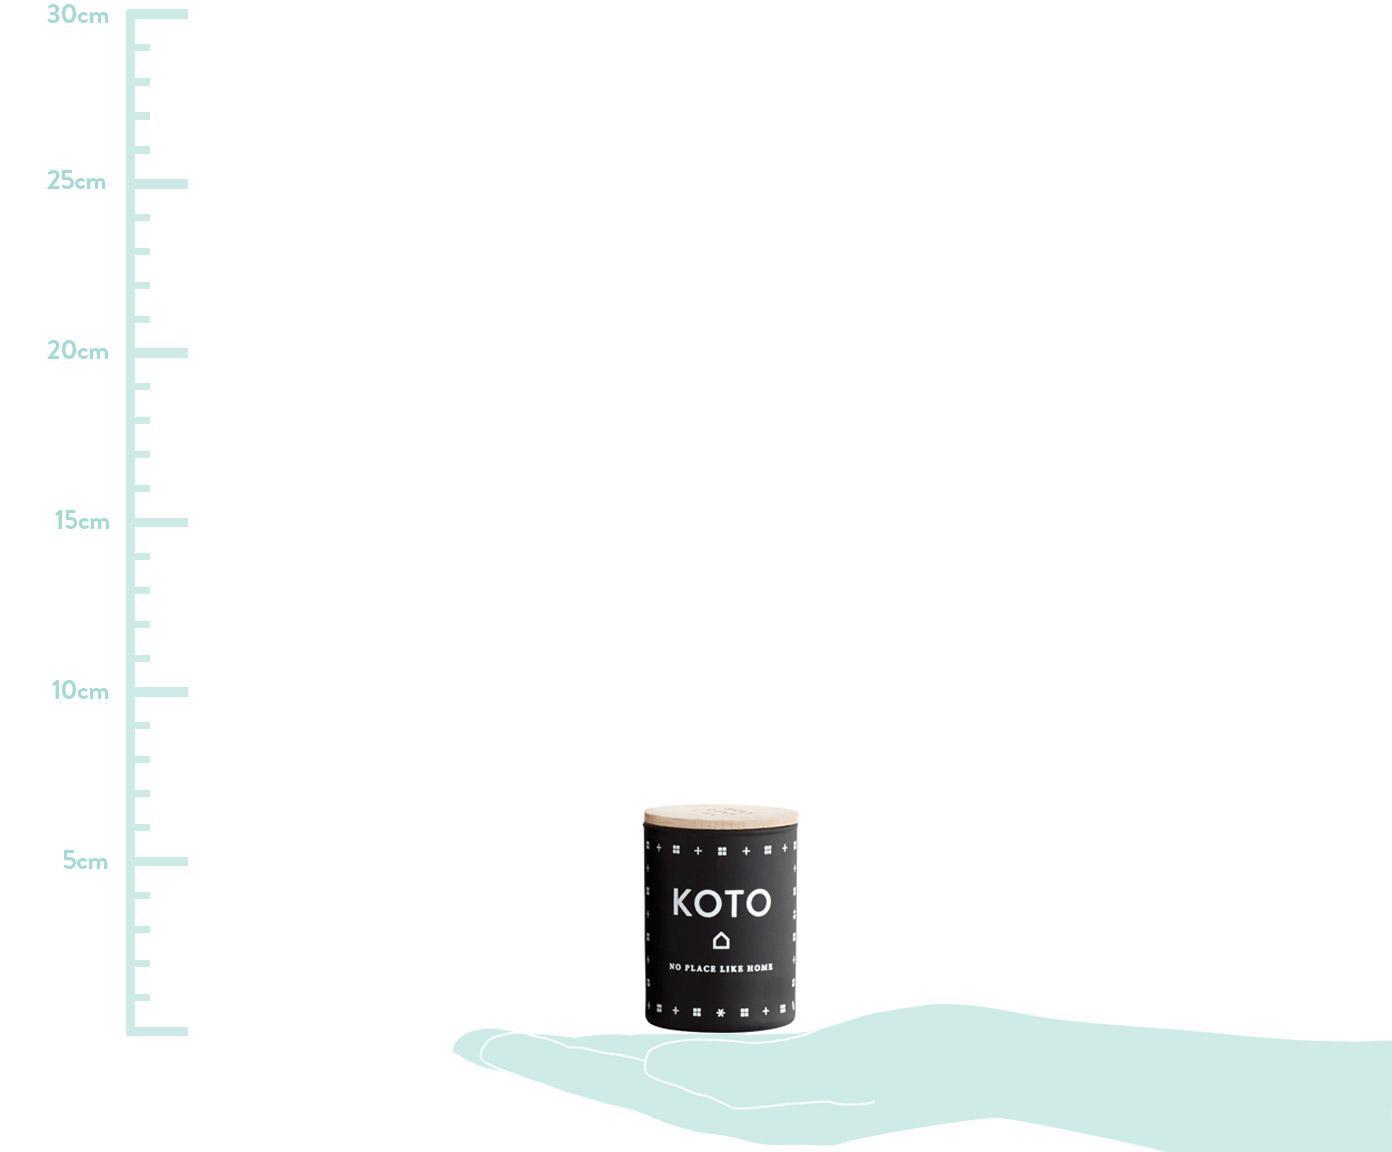 Duftkerzen-Set Hjem (Zitrus, Frisches Gras & Erdbeeren), 3-tlg., Behälter: Glas, Deckel: Buchenholz, Creme, Ø 4 x H 6 cm